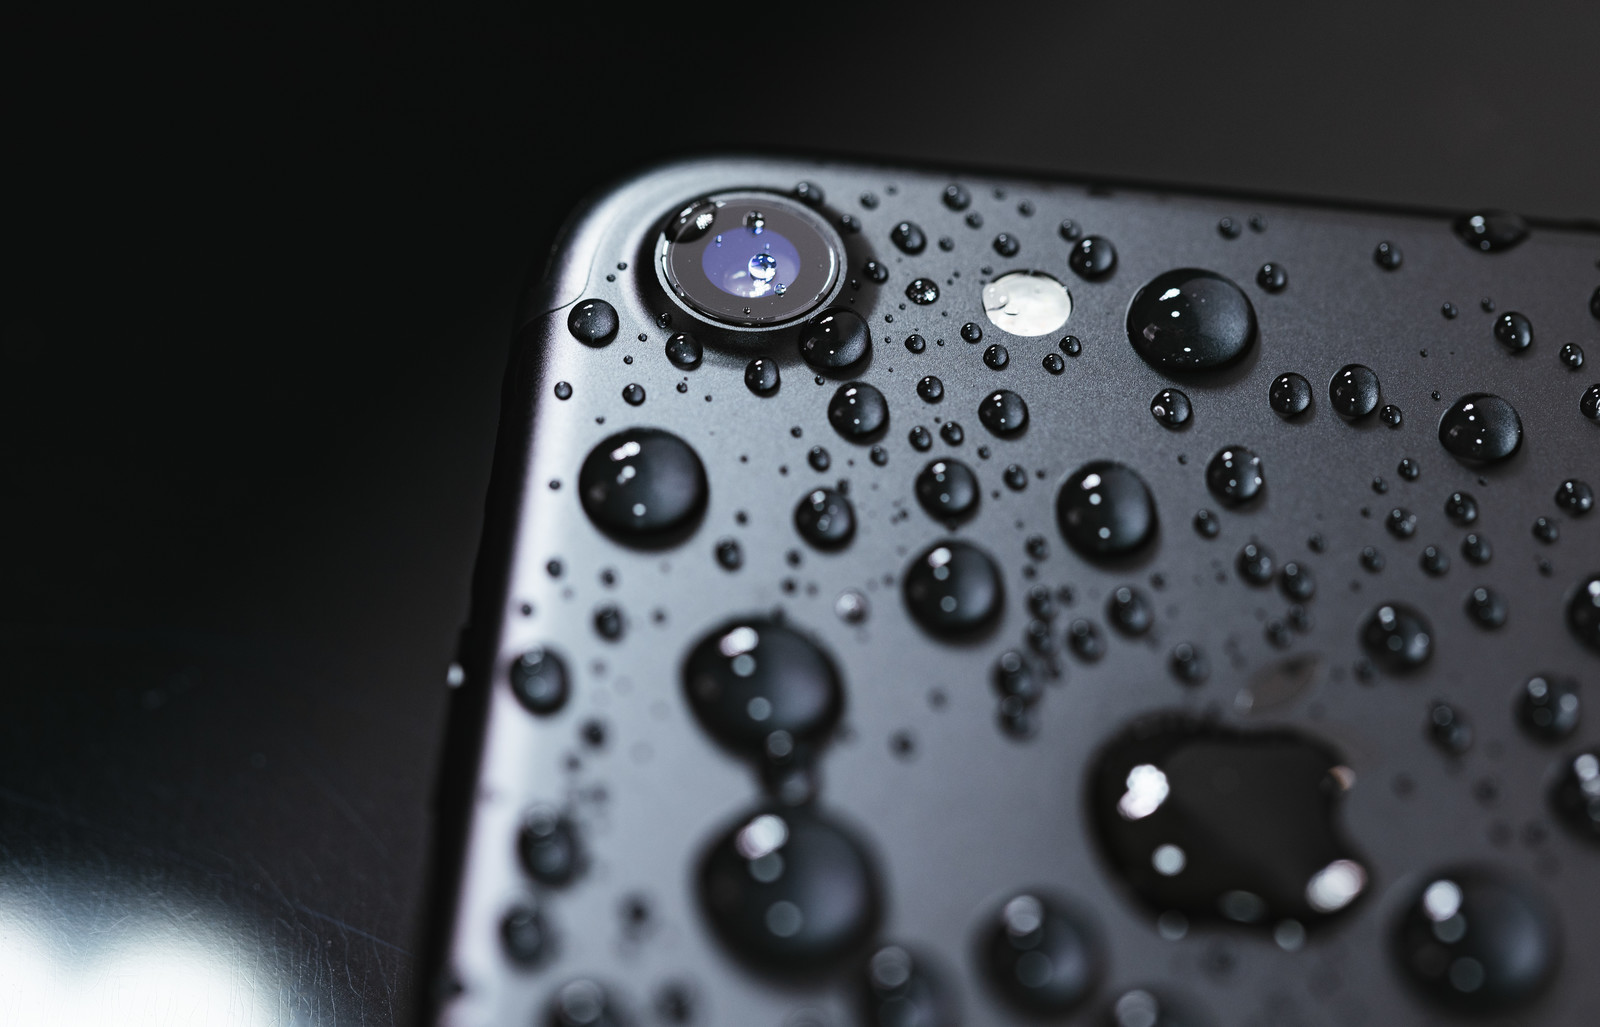 「水滴まみれのiPhone」の写真